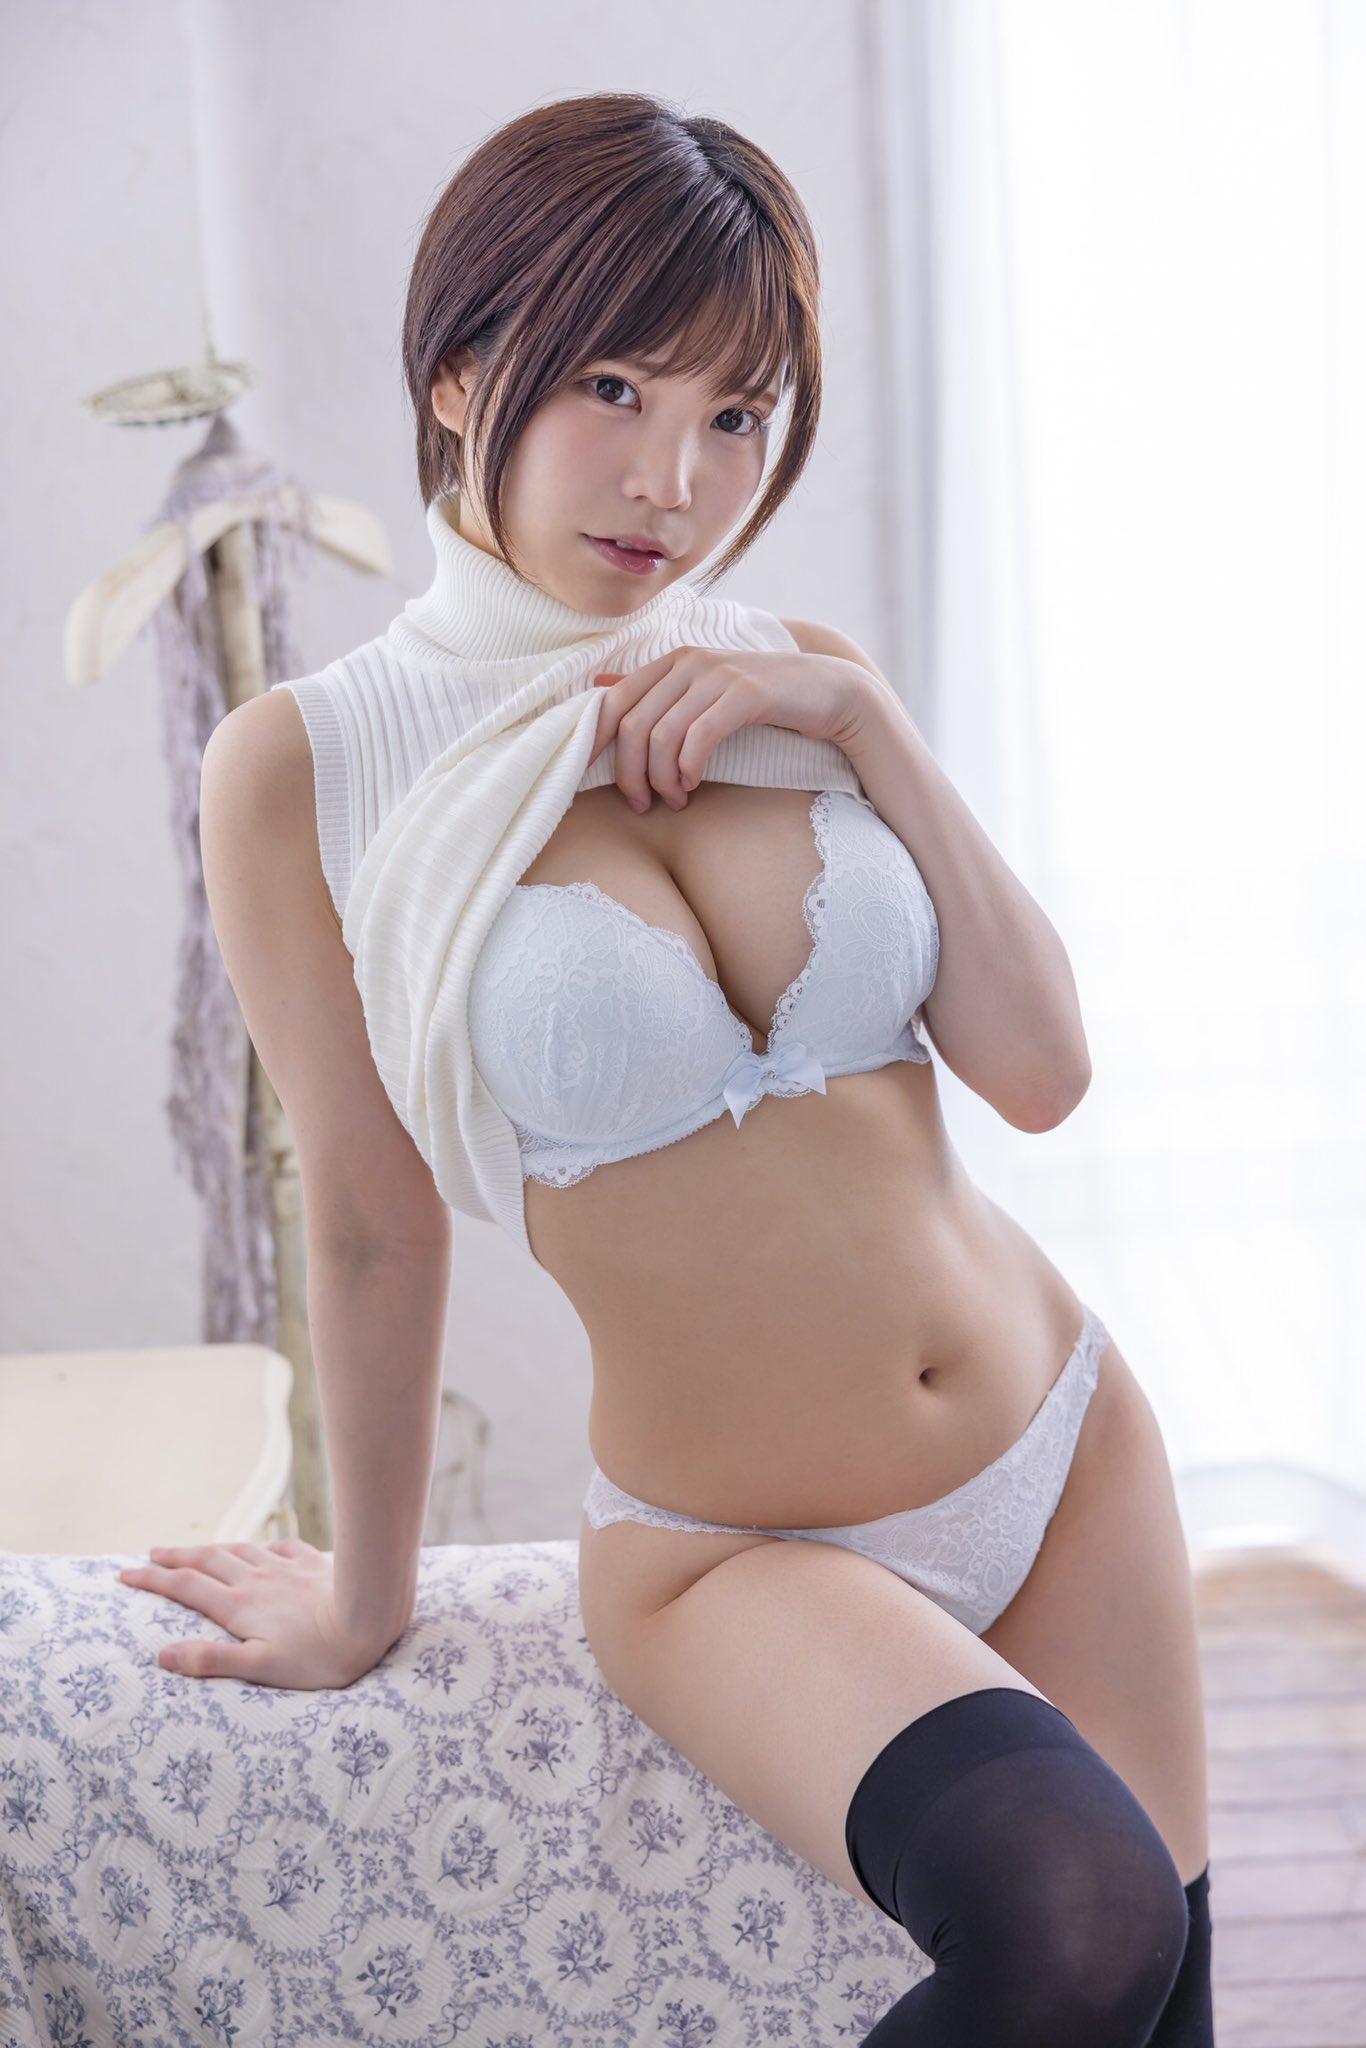 ได้ข่าวว่า Tsukino Hina จะมาแทนที่ Sakura Mana? แต่คิดว่ายังต้องใช้เวลาอีกนาน